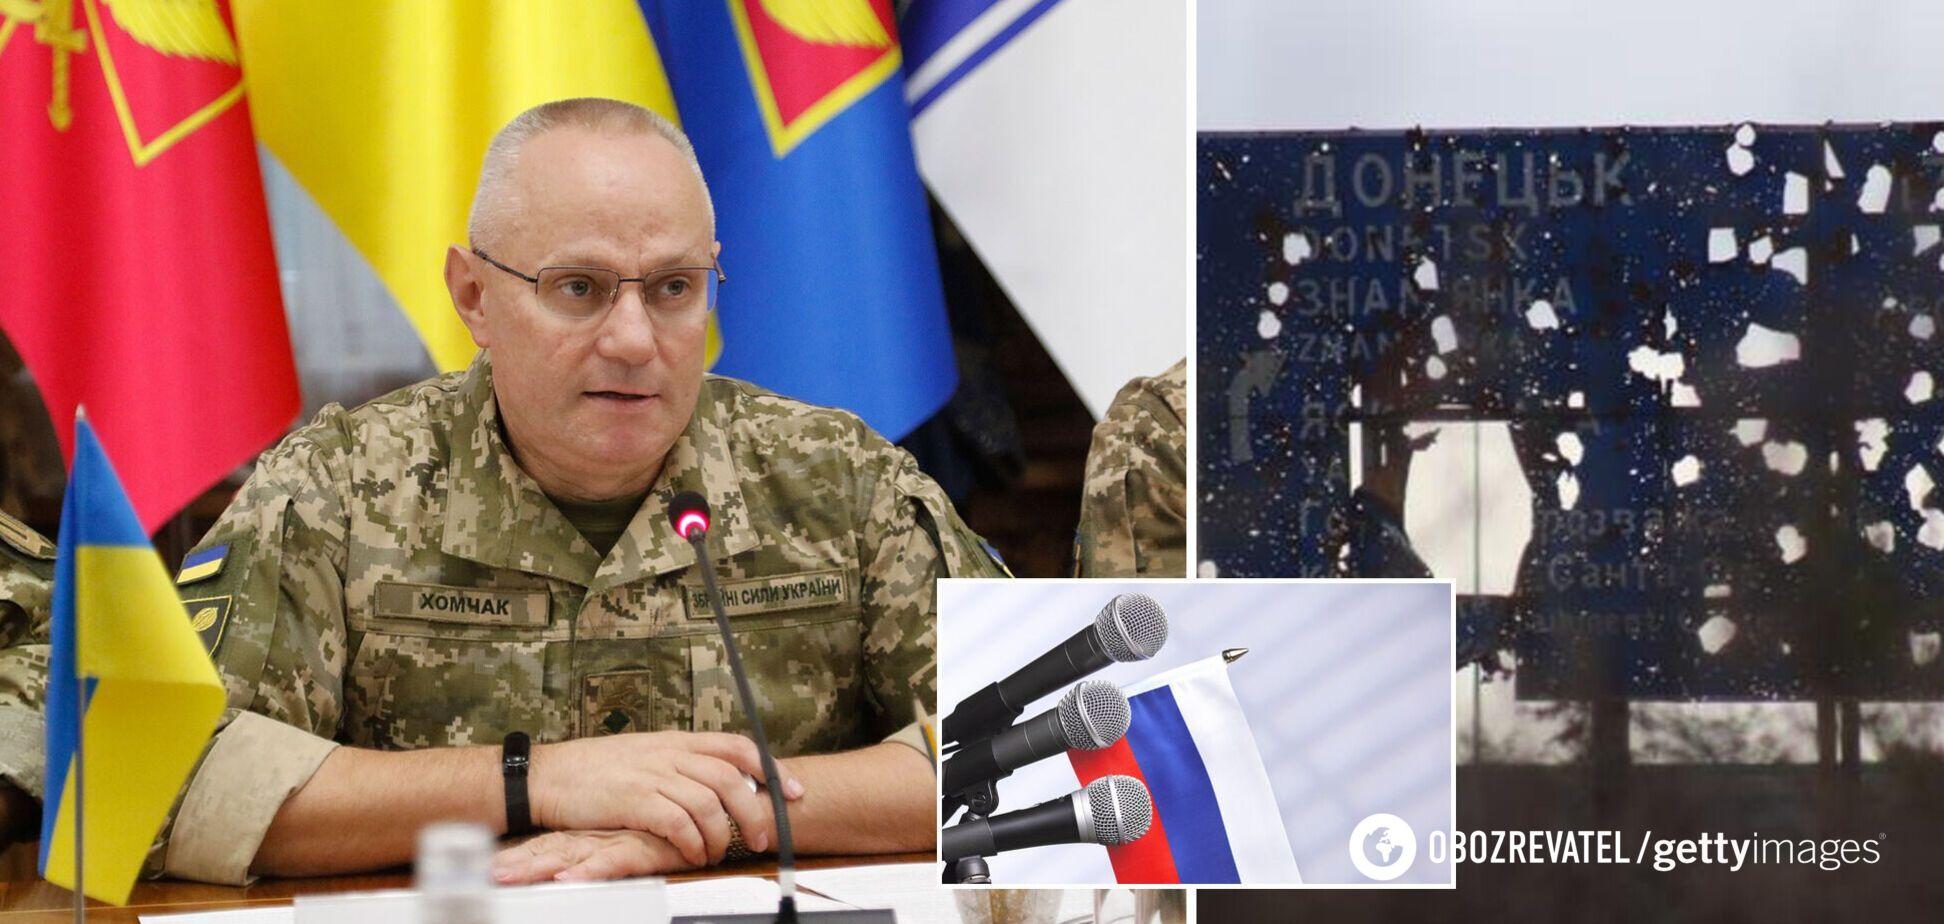 Хомчак відповів Росії на агресивні фейки про 'наступ України на Донбас'